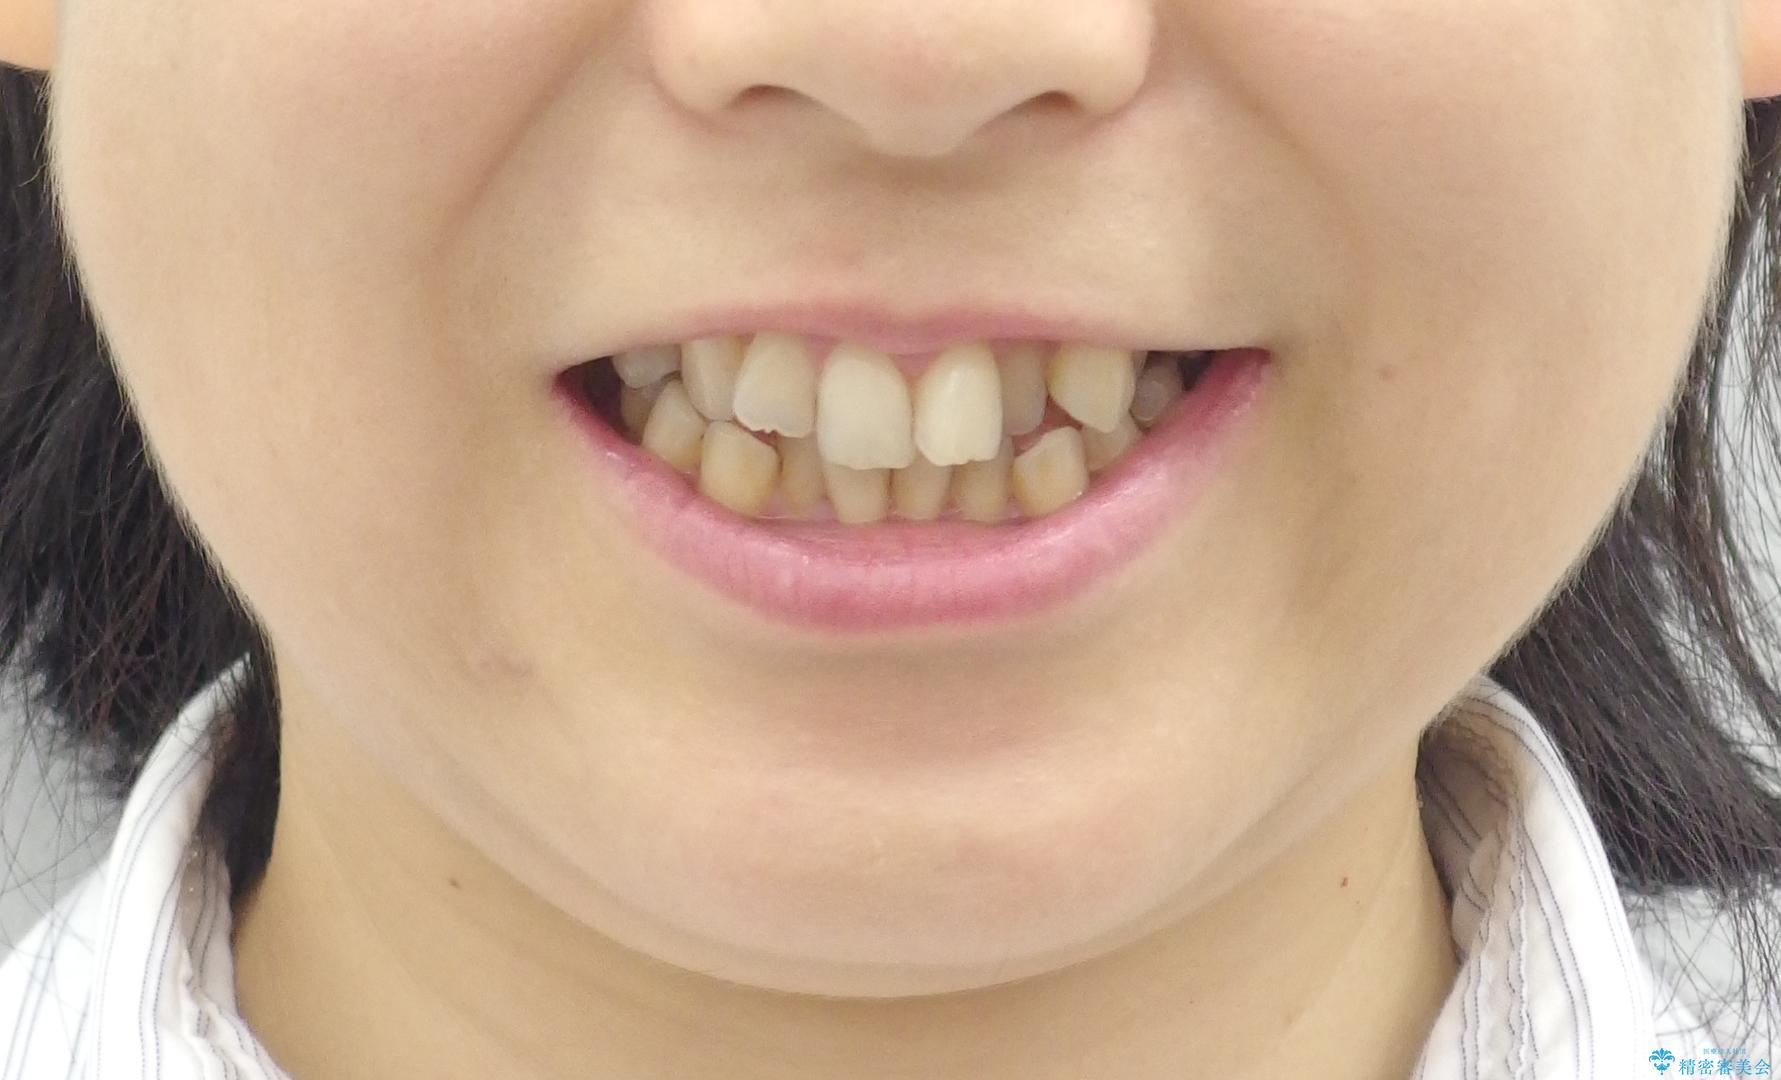 前歯のガタガタ 治療期間がかかっても良いので非抜歯でマウスピースでの治療前(顔貌)